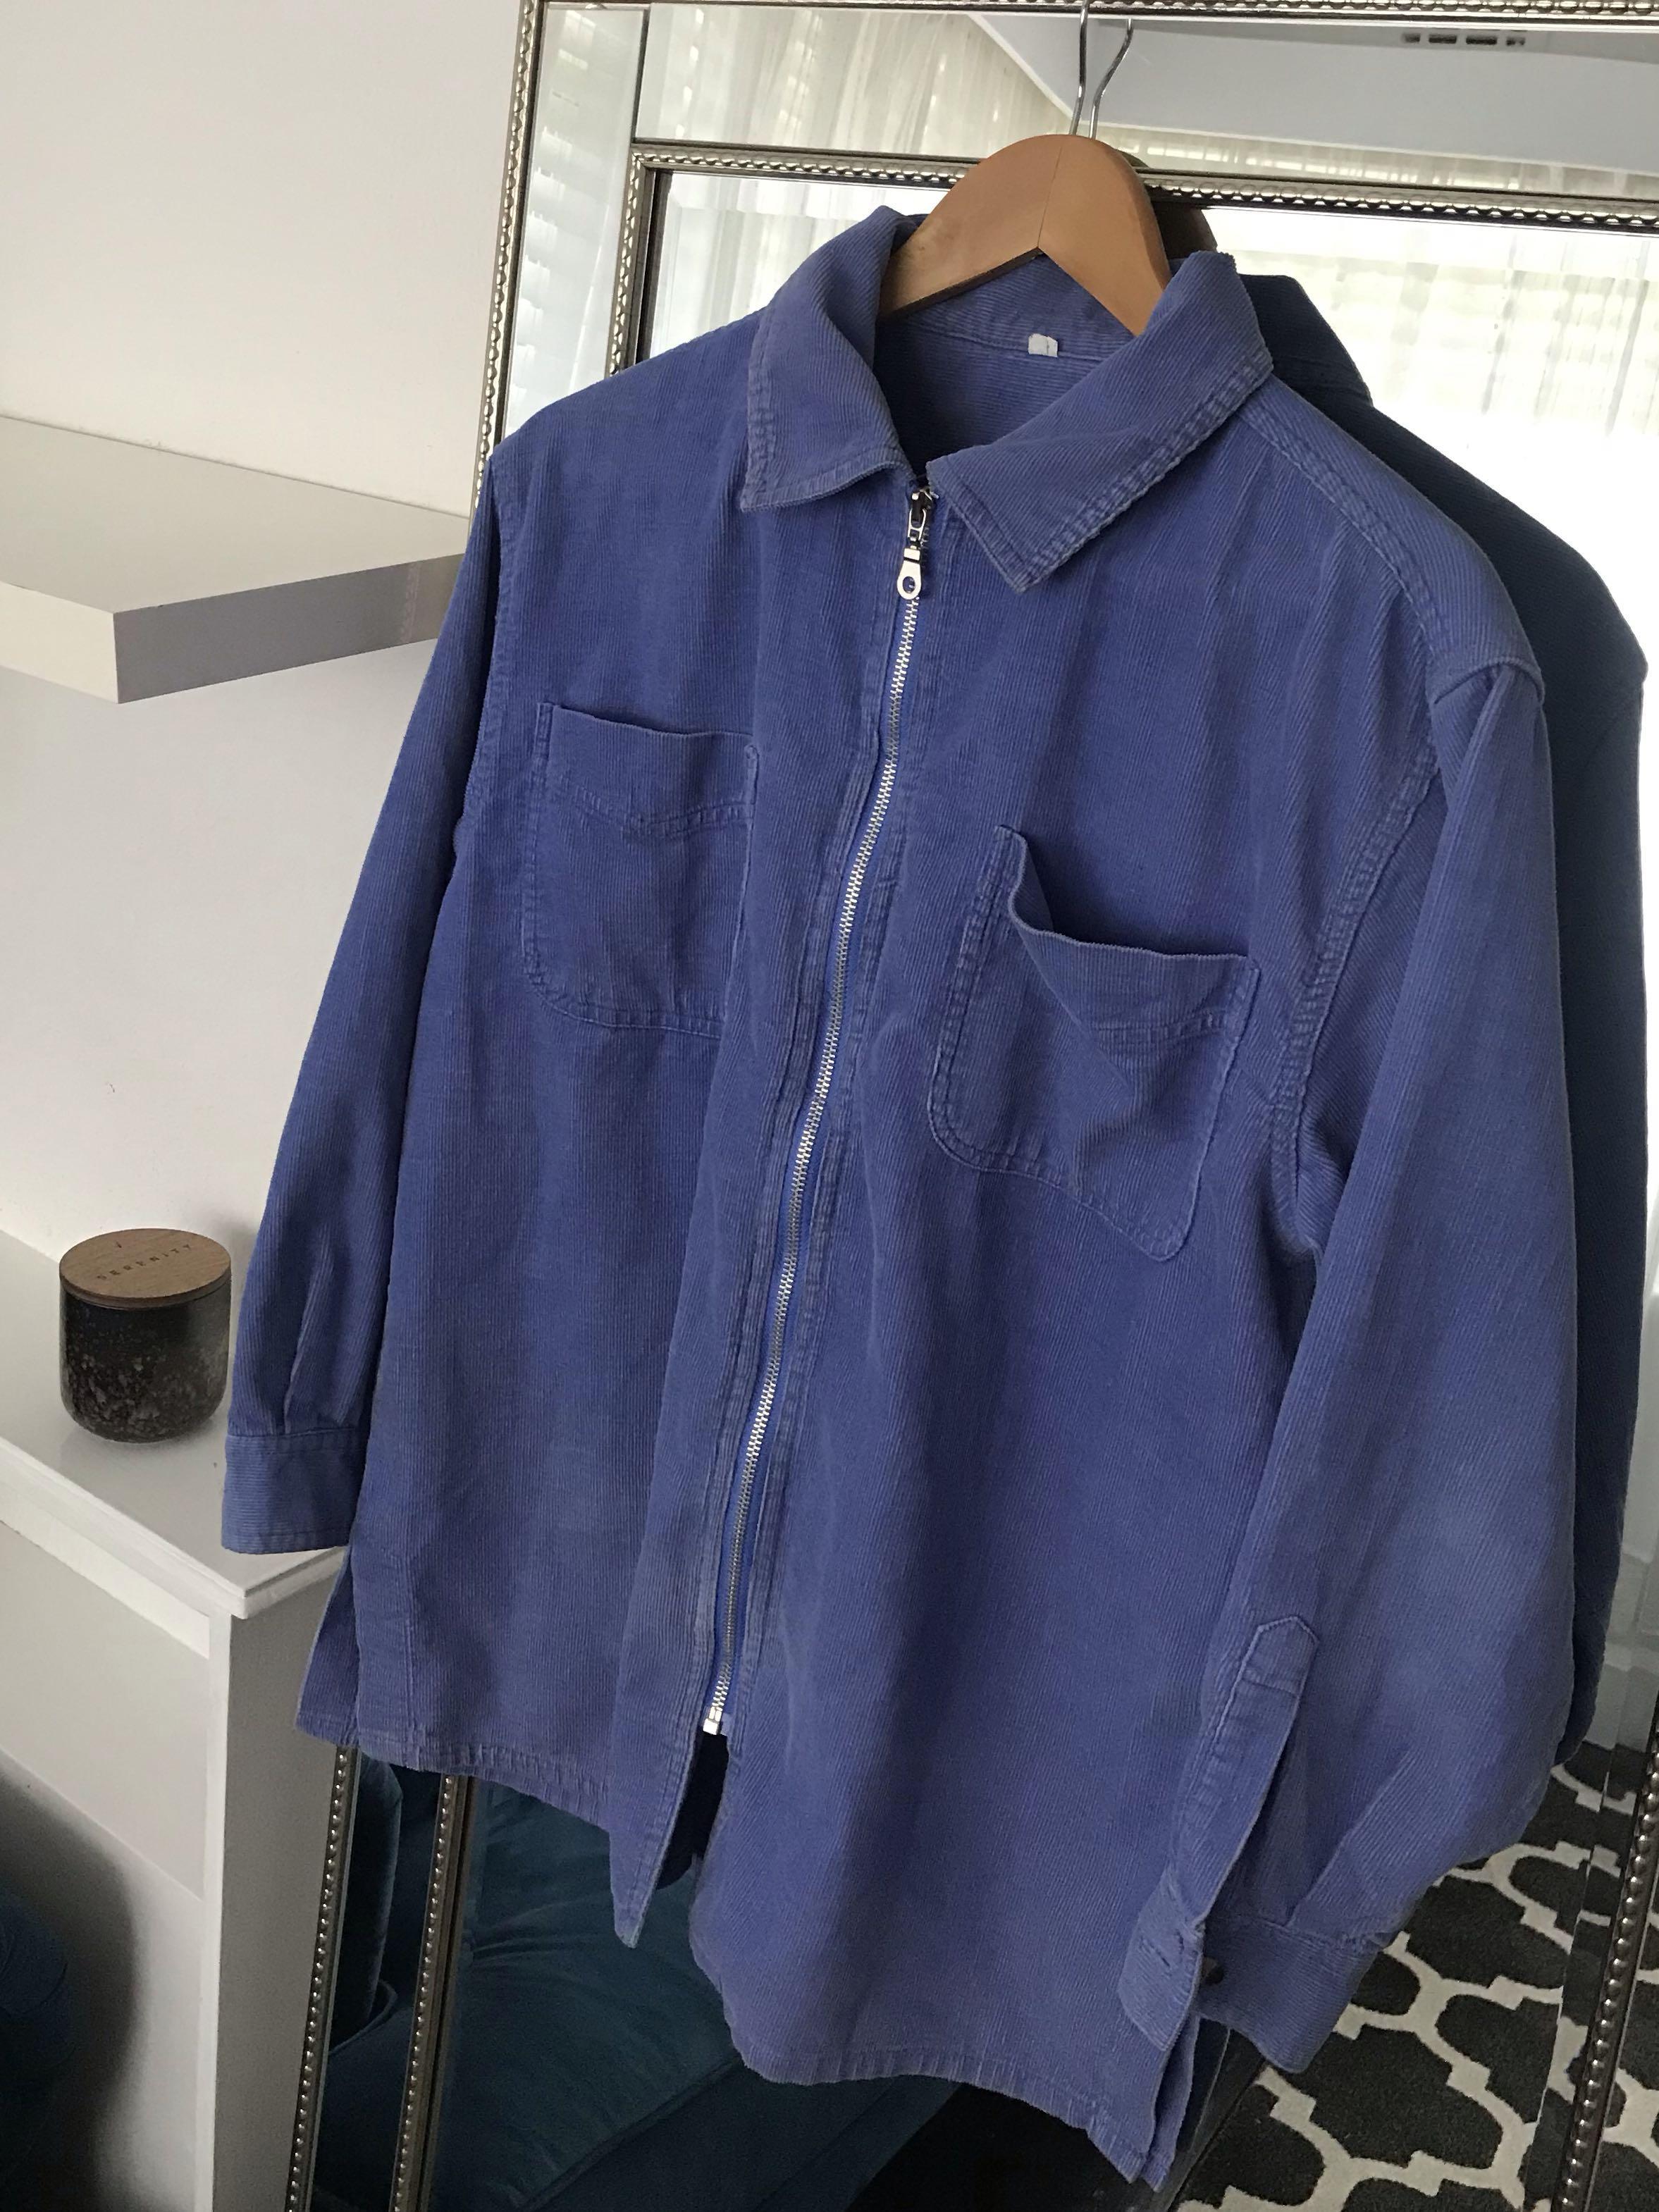 Vintage purple cord jacket